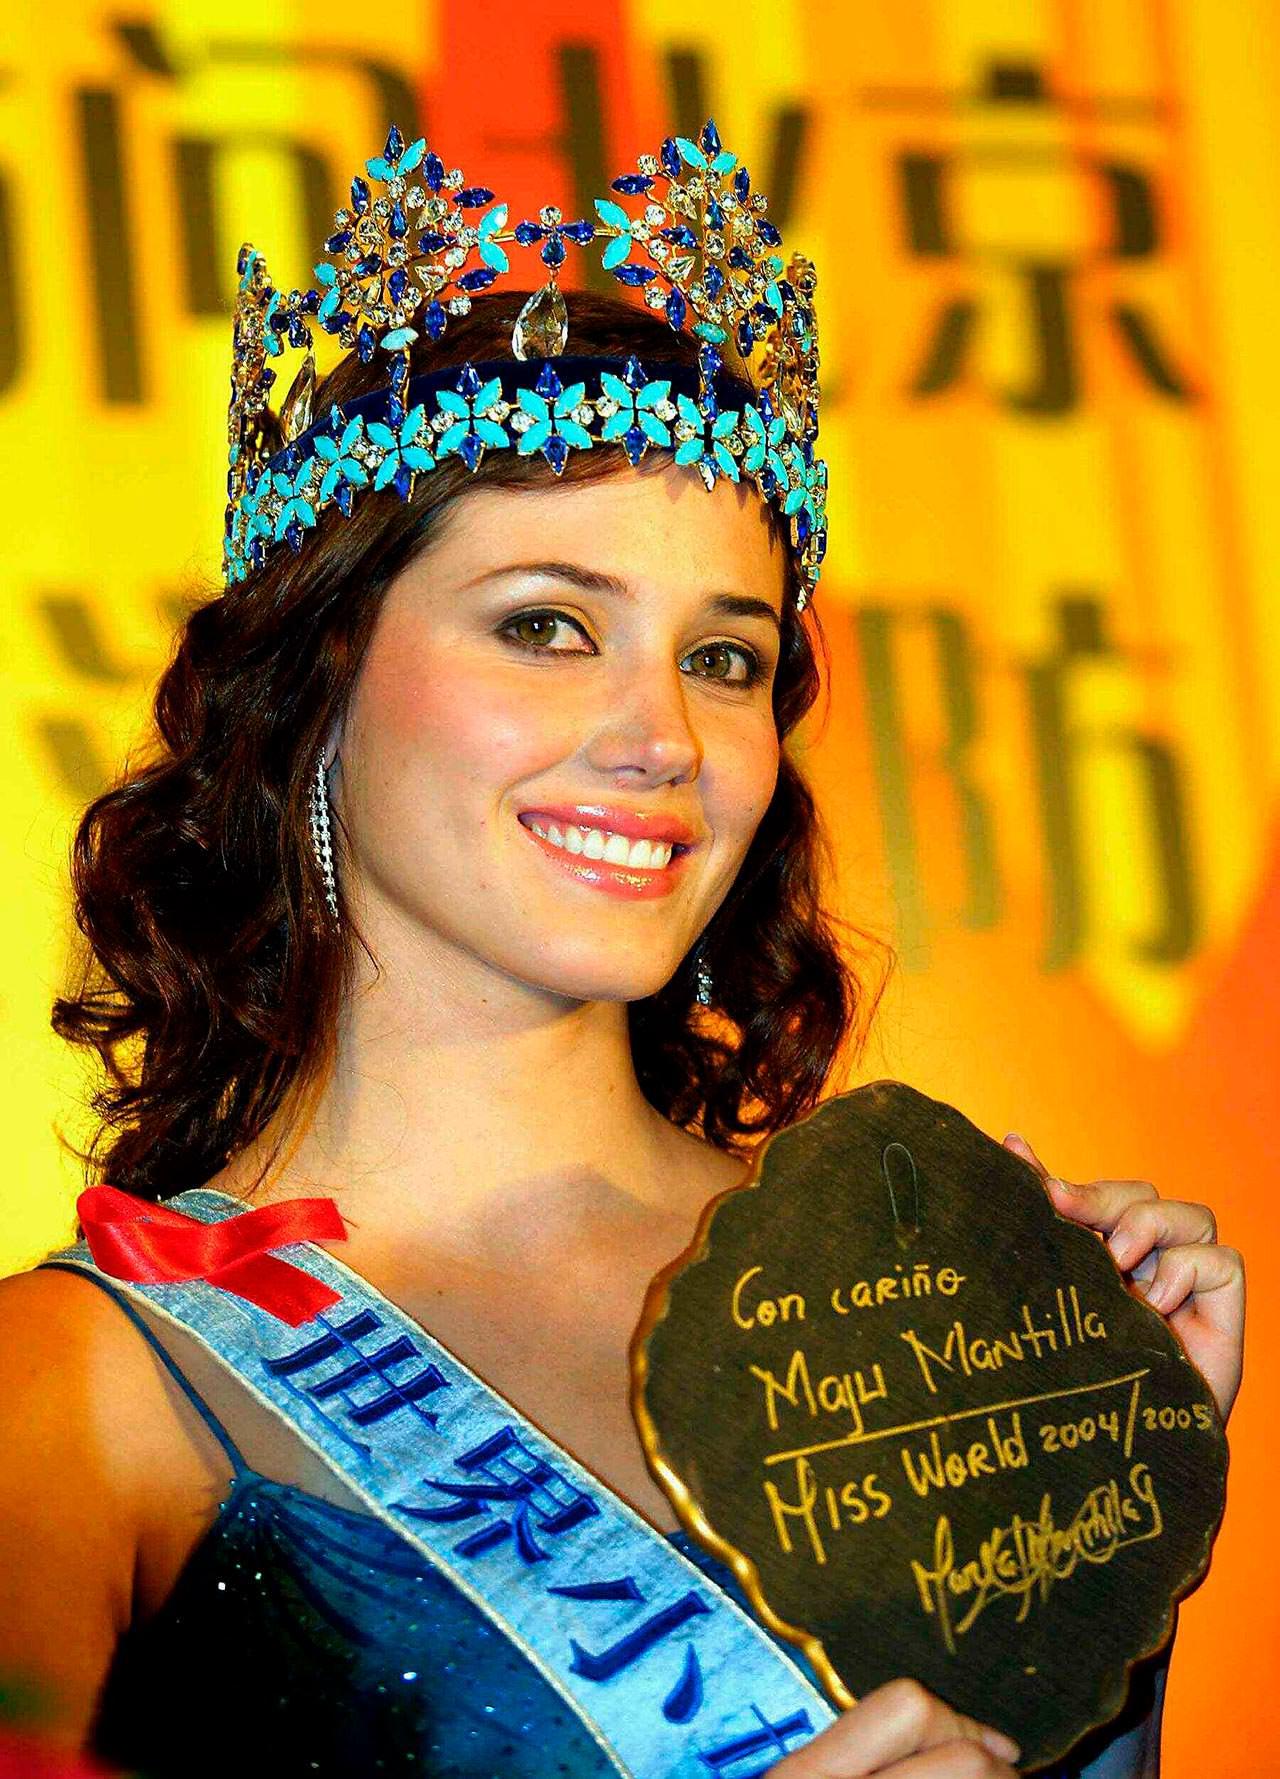 Фото   Мисс Мира 2004 года Мария Хулия Мантилья